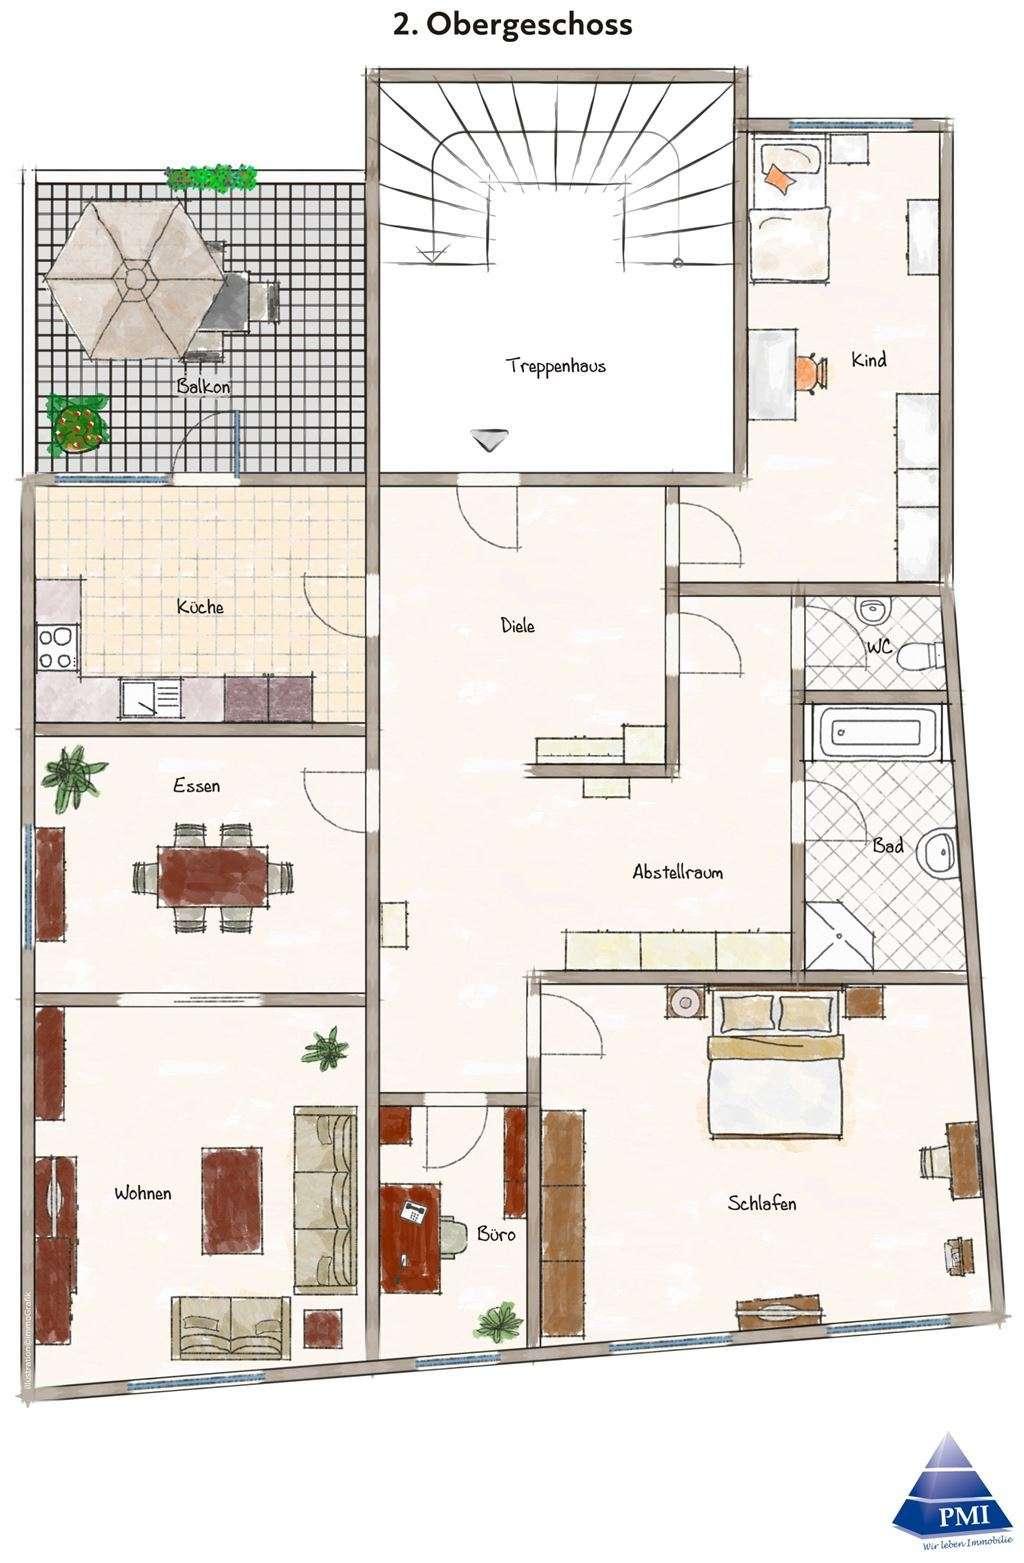 ++NEU: 4,5Zi.-Mietwohnung mitten in Lohr, perfekt für kleine Familien, gr. Balkon++ in